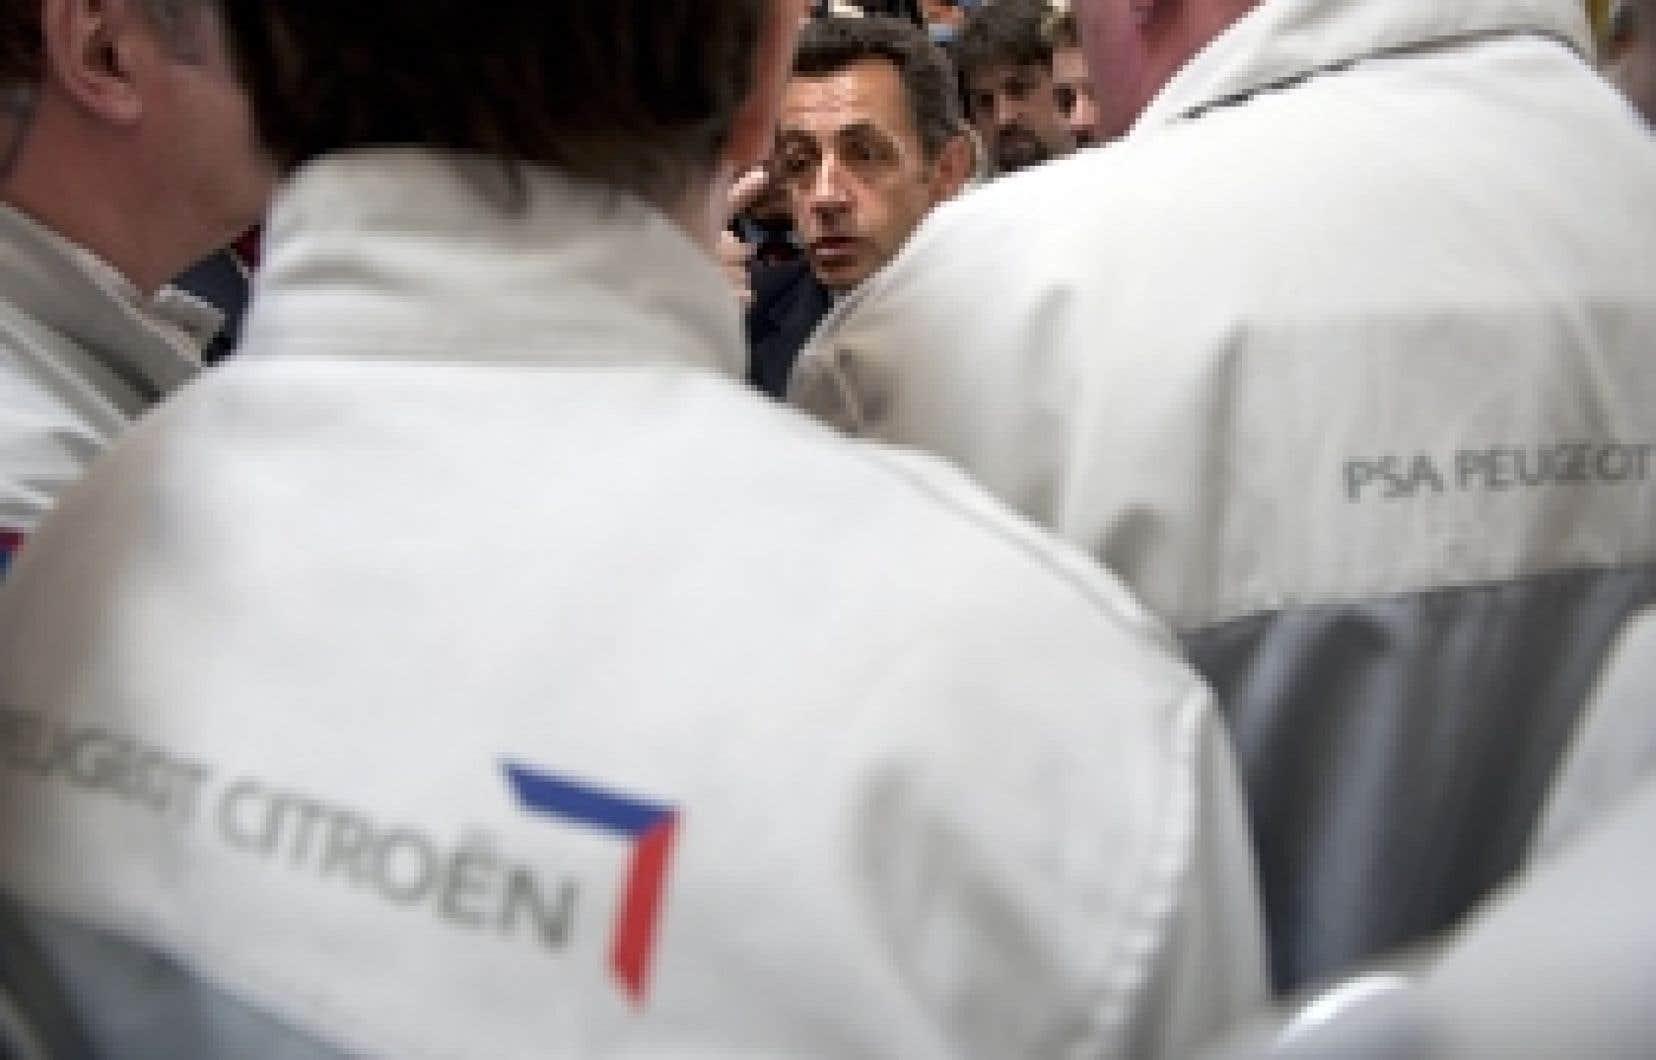 De passage à Vesoul la semaine dernière, où il a notamment discuté avec des employés de l'usine PSA Peugeot Citroen, le président français, Nicolas Sarkozy, a menacé une fois de plus de légiférer si les entreprises ne se plient pas à ses inj